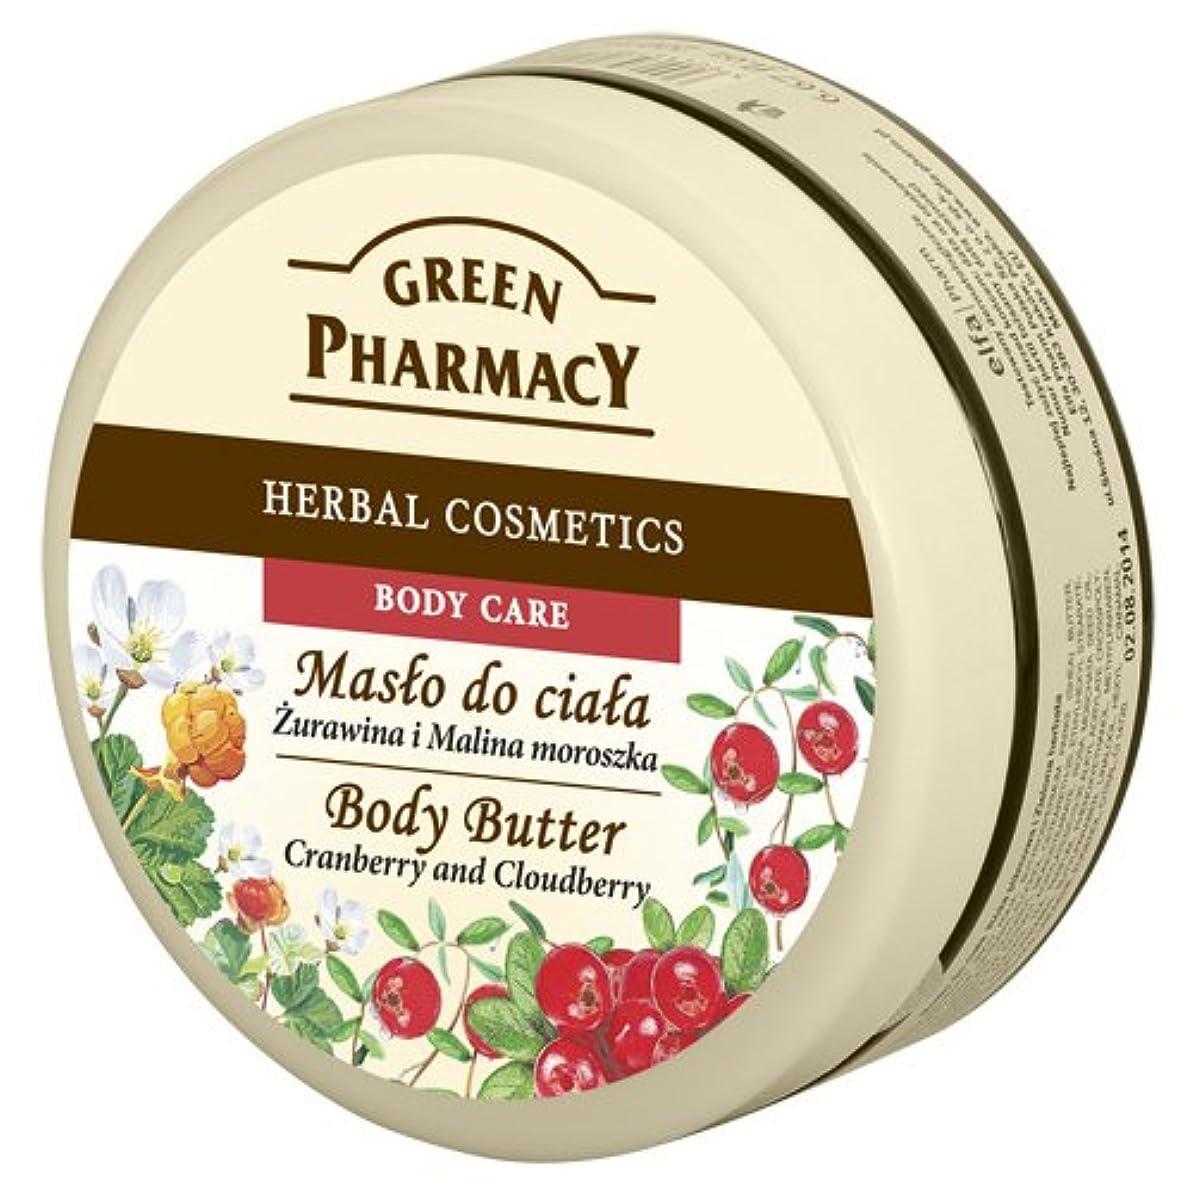 放課後こしょう優先権Elfa Pharm Green Pharmacy グリーンファーマシー Body Butter ボディバター Cranberry and Cloudberry